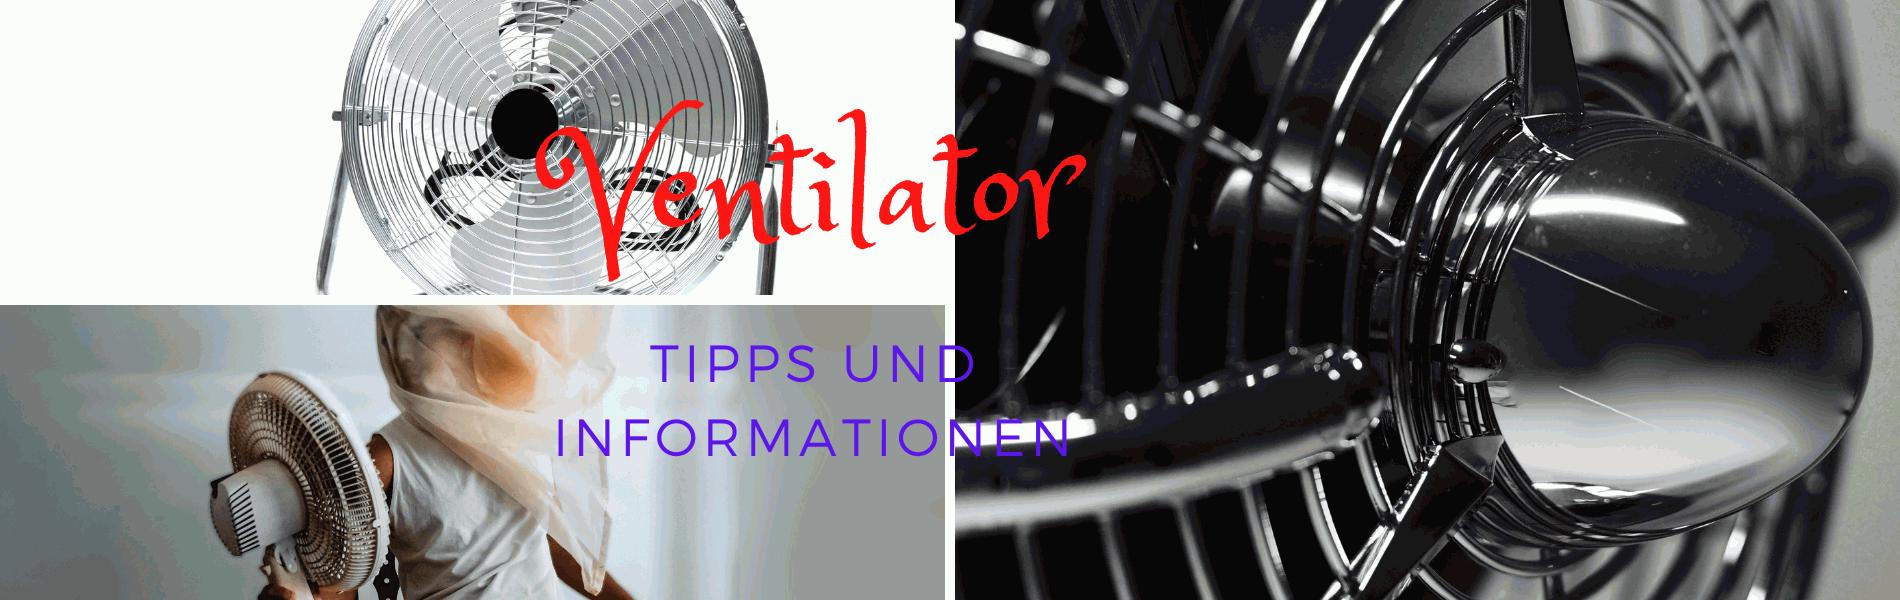 Ventilator Kaufen ++ Ratgeber ++ Vergleich